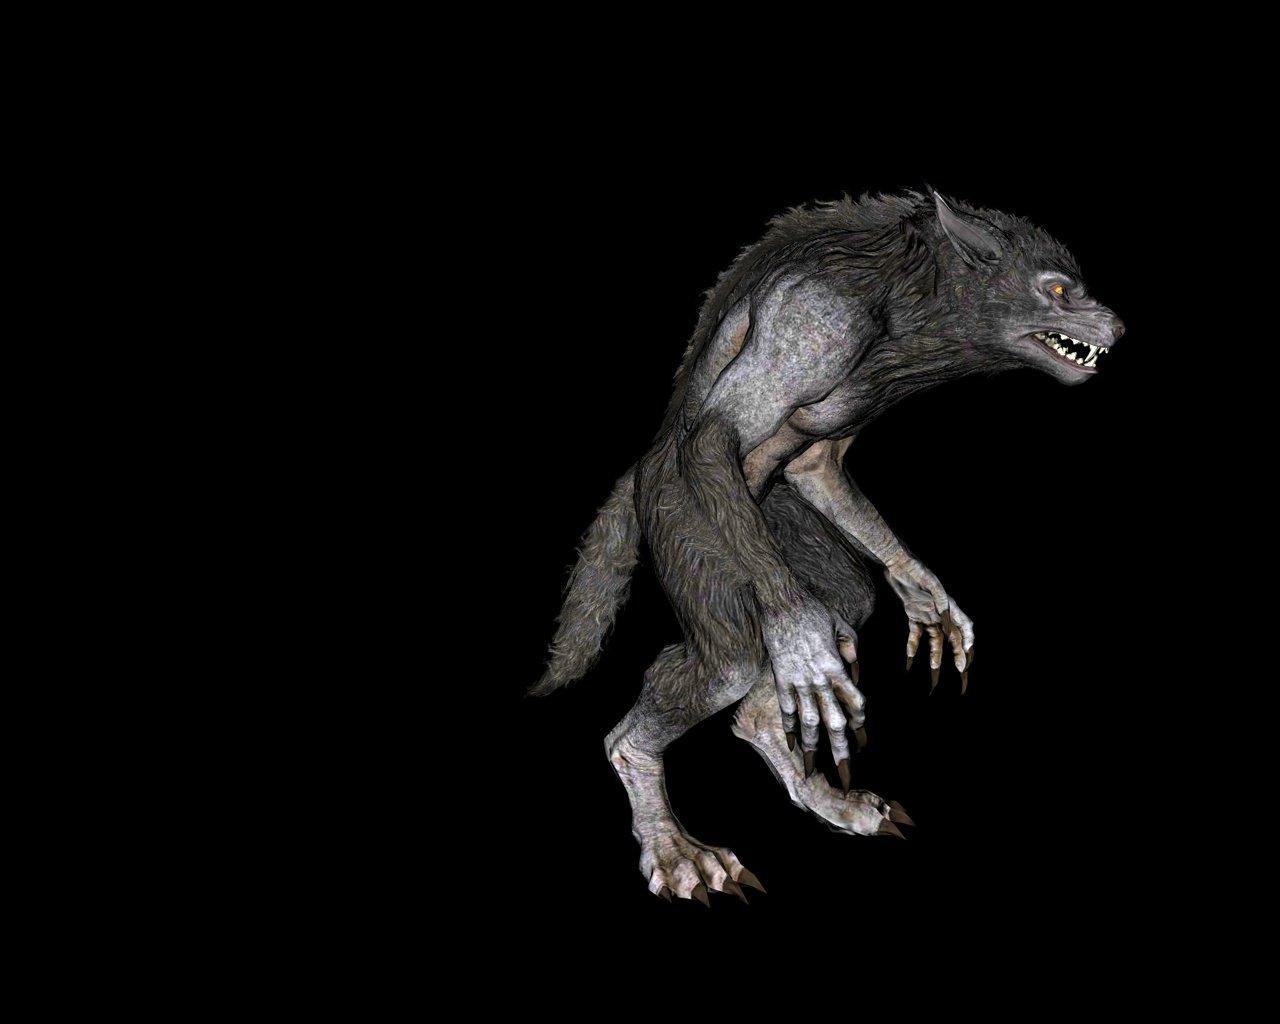 Skyrim Werewolf C4D 3D Model in Monster 3DExport